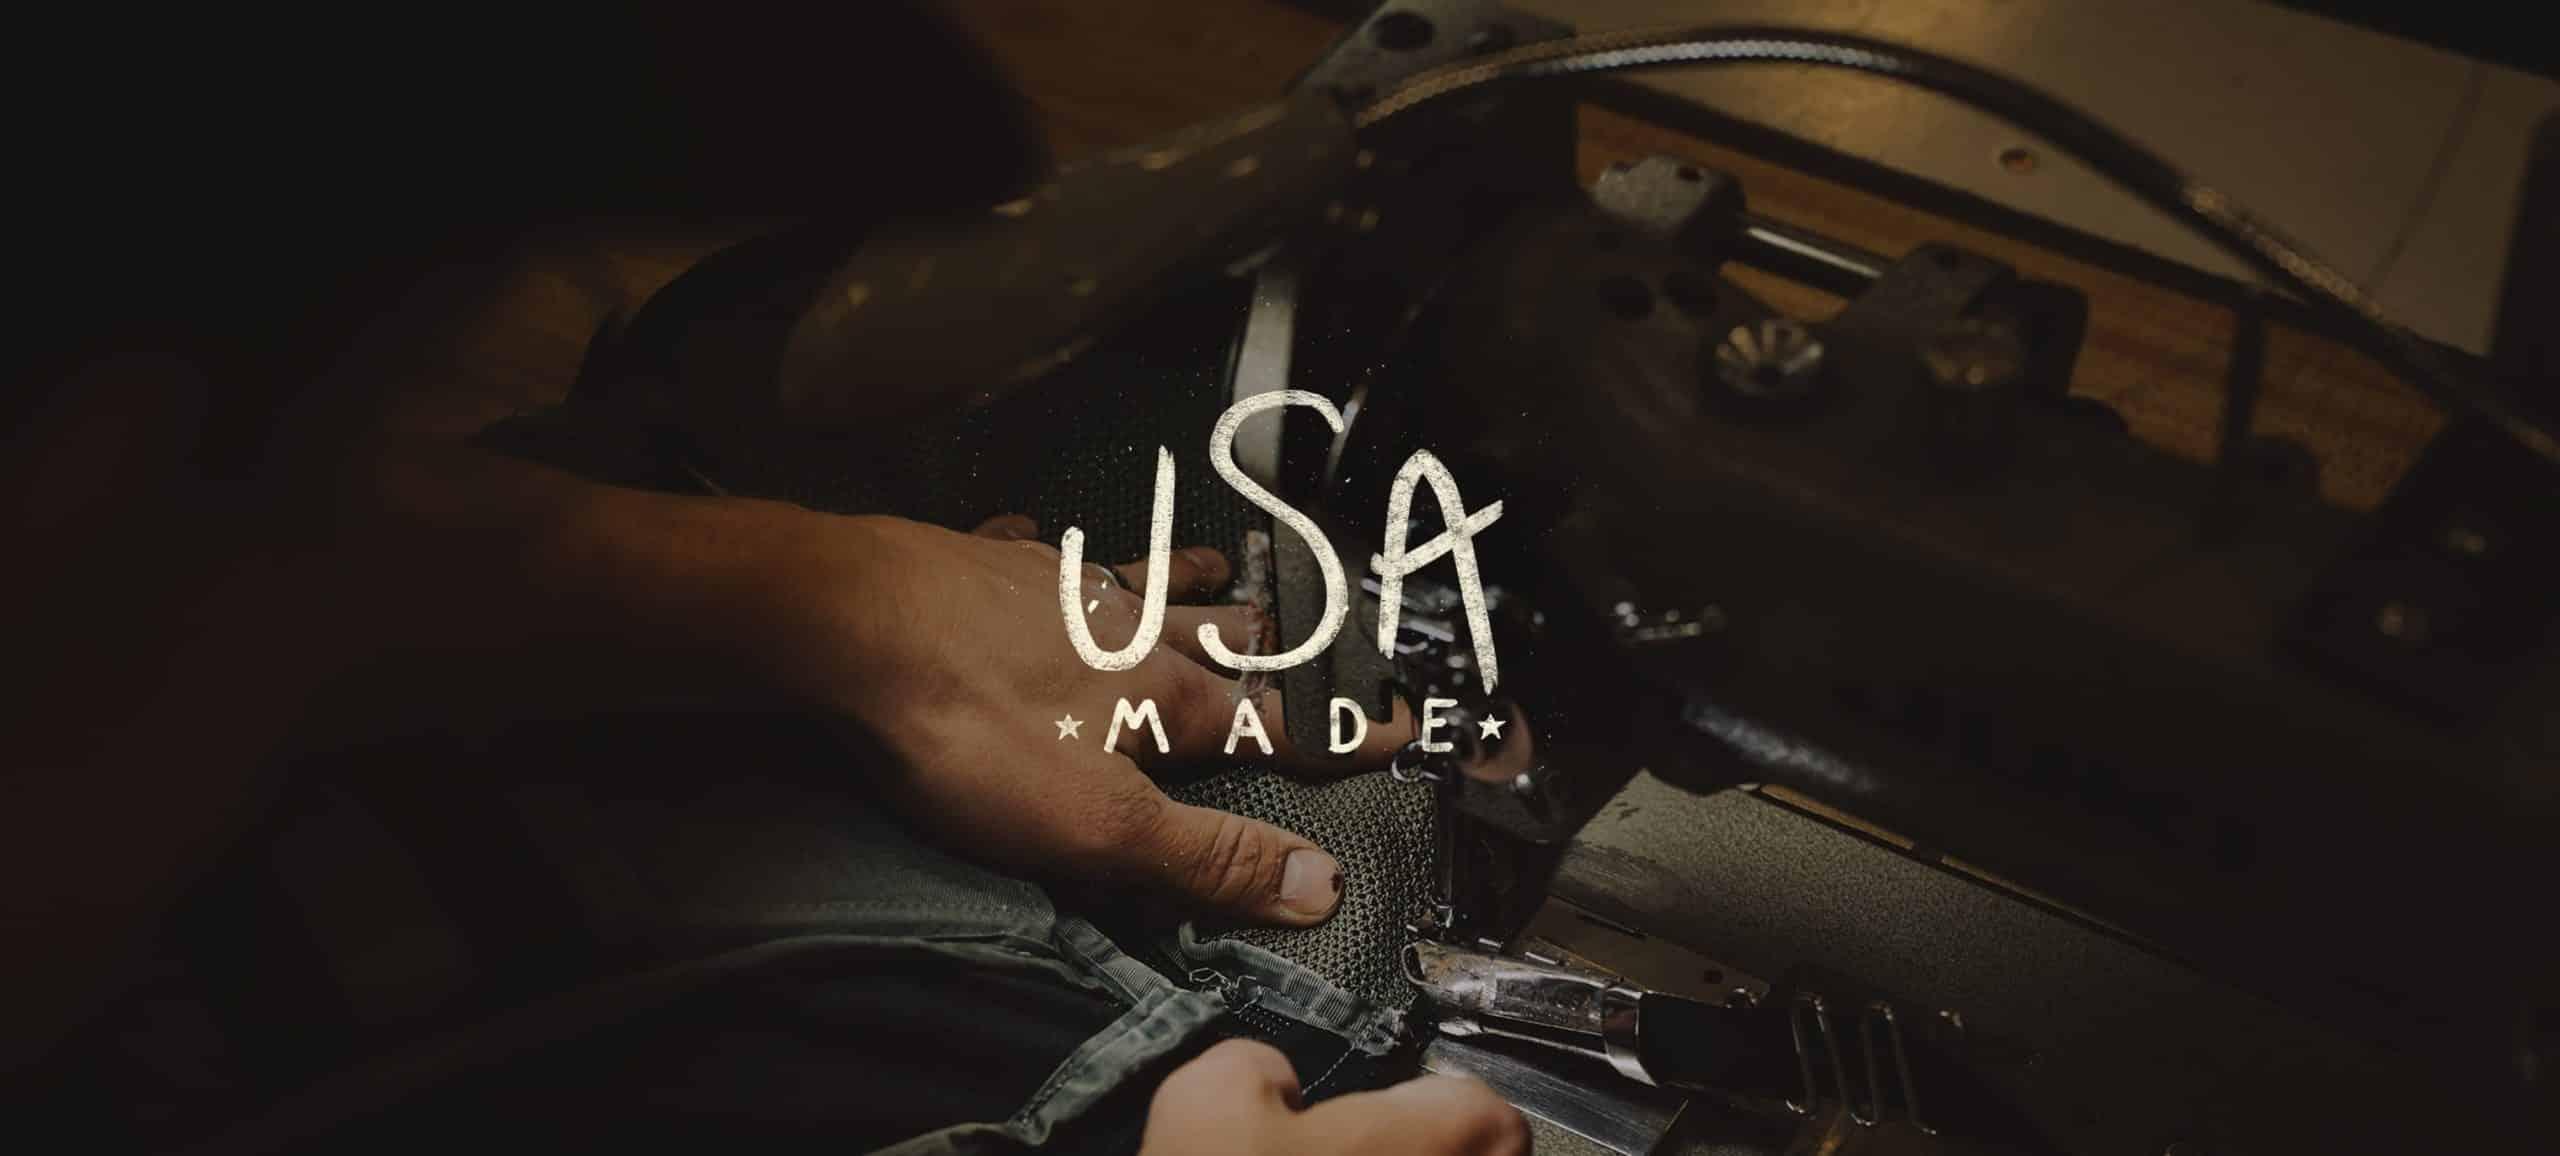 Huckberry USA Made Shop